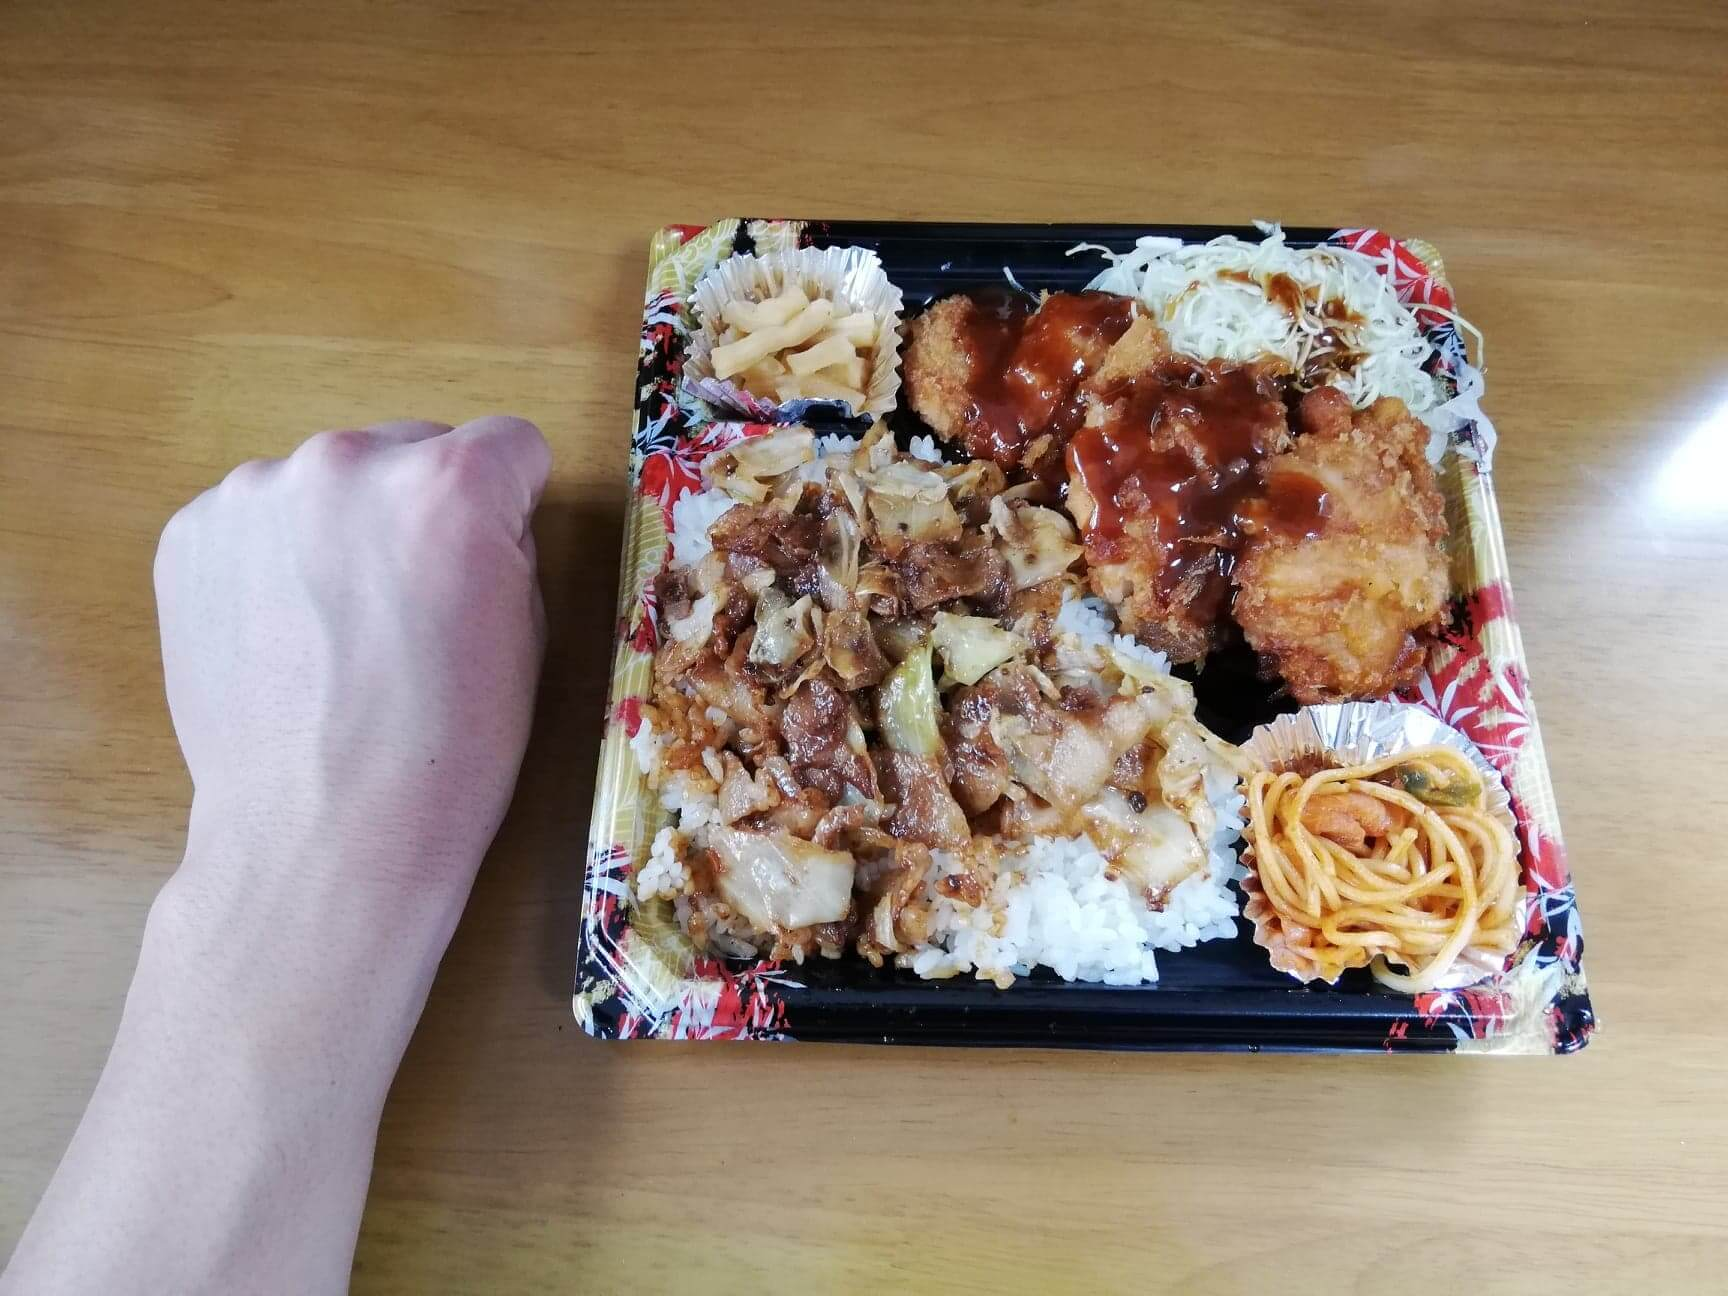 かつやの全力飯弁当『回鍋肉丼から揚げチキンカツ弁当』と拳のサイズ比較写真